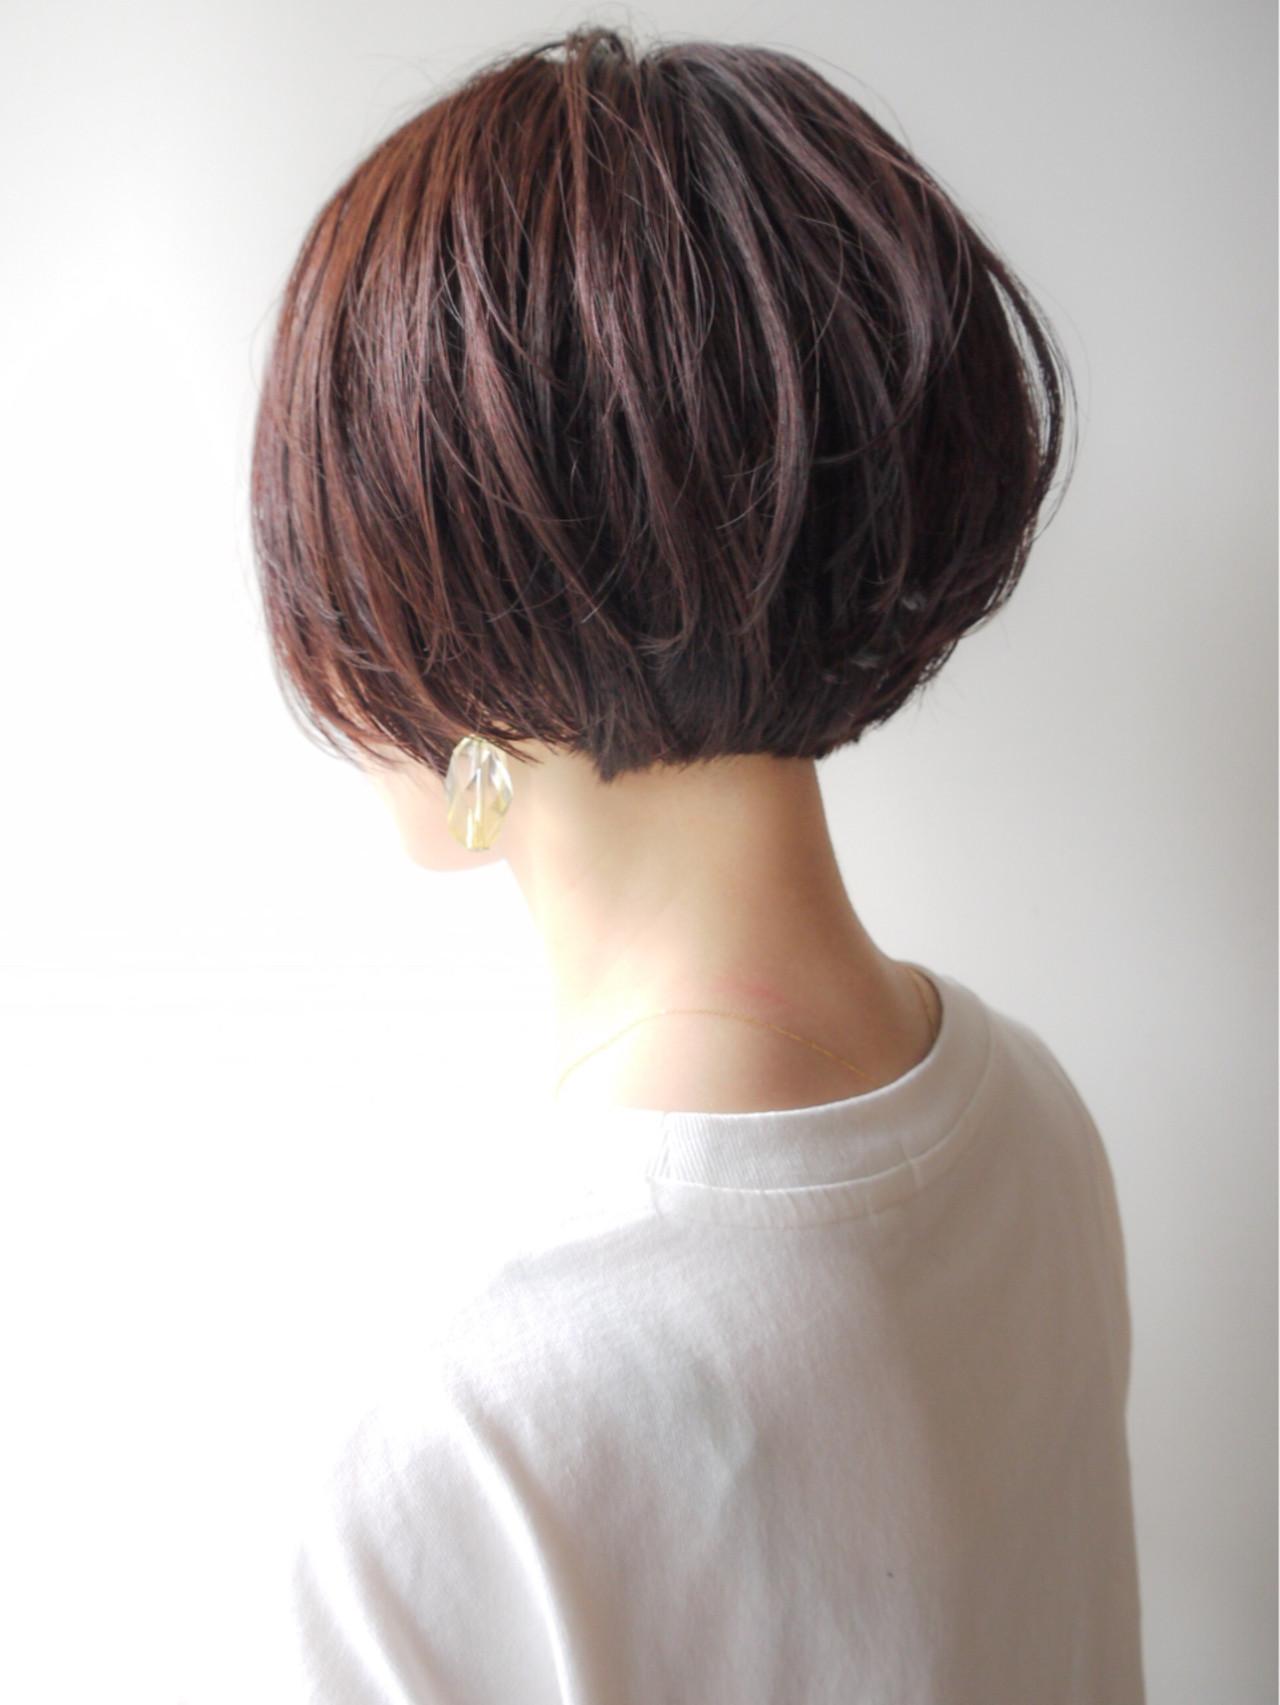 大人かわいい モテ髪 ゆるふわ ショートボブ ヘアスタイルや髪型の写真・画像 | HIROKI / roijir / roijir